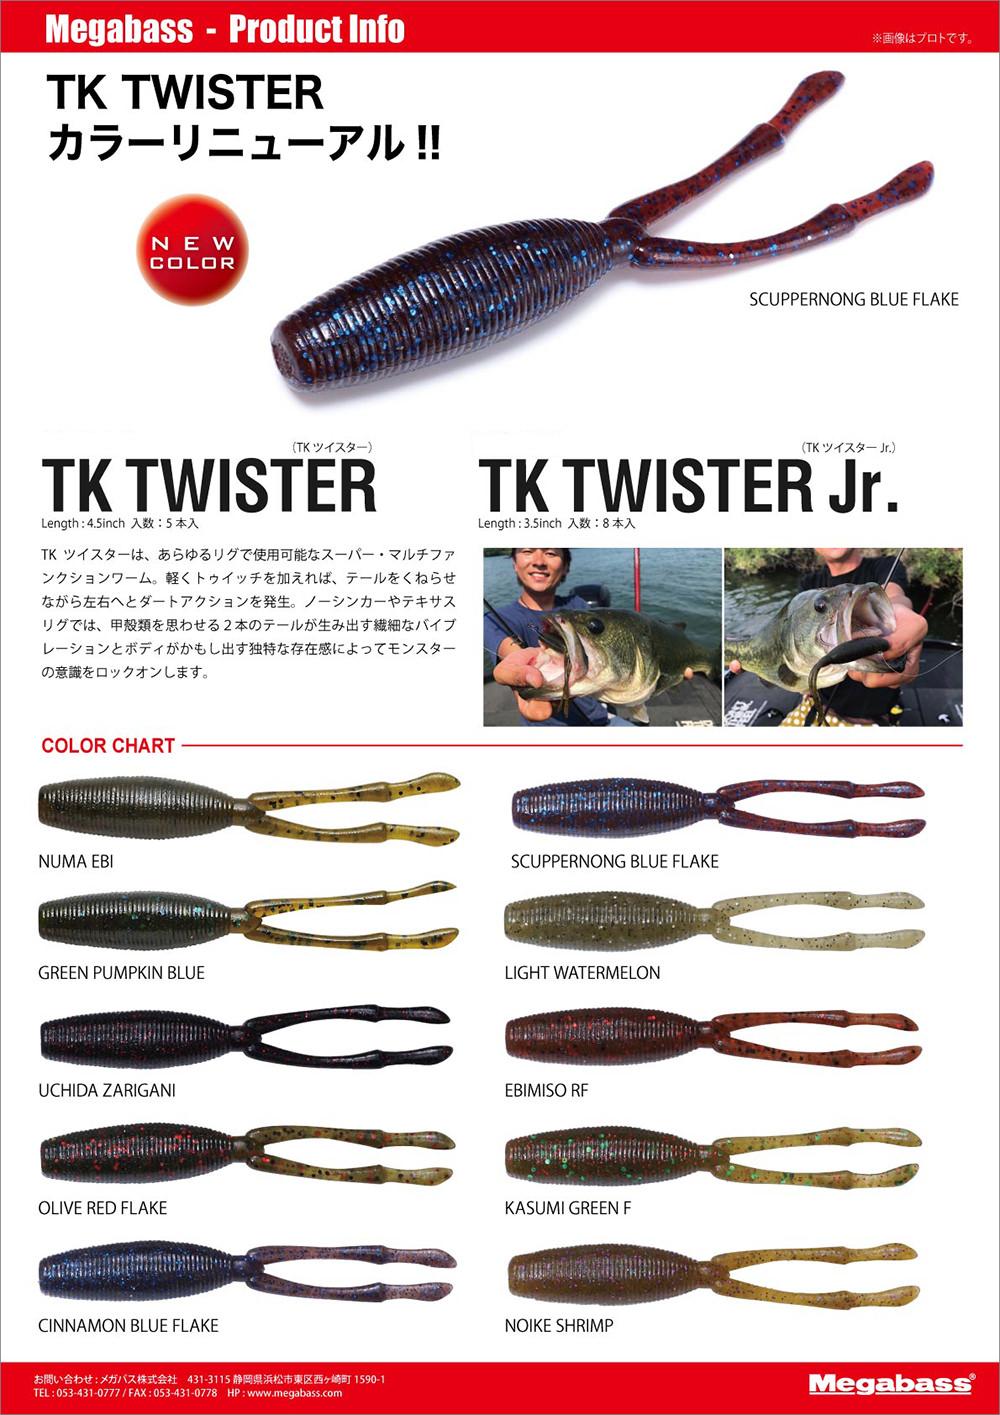 TK TWISTER